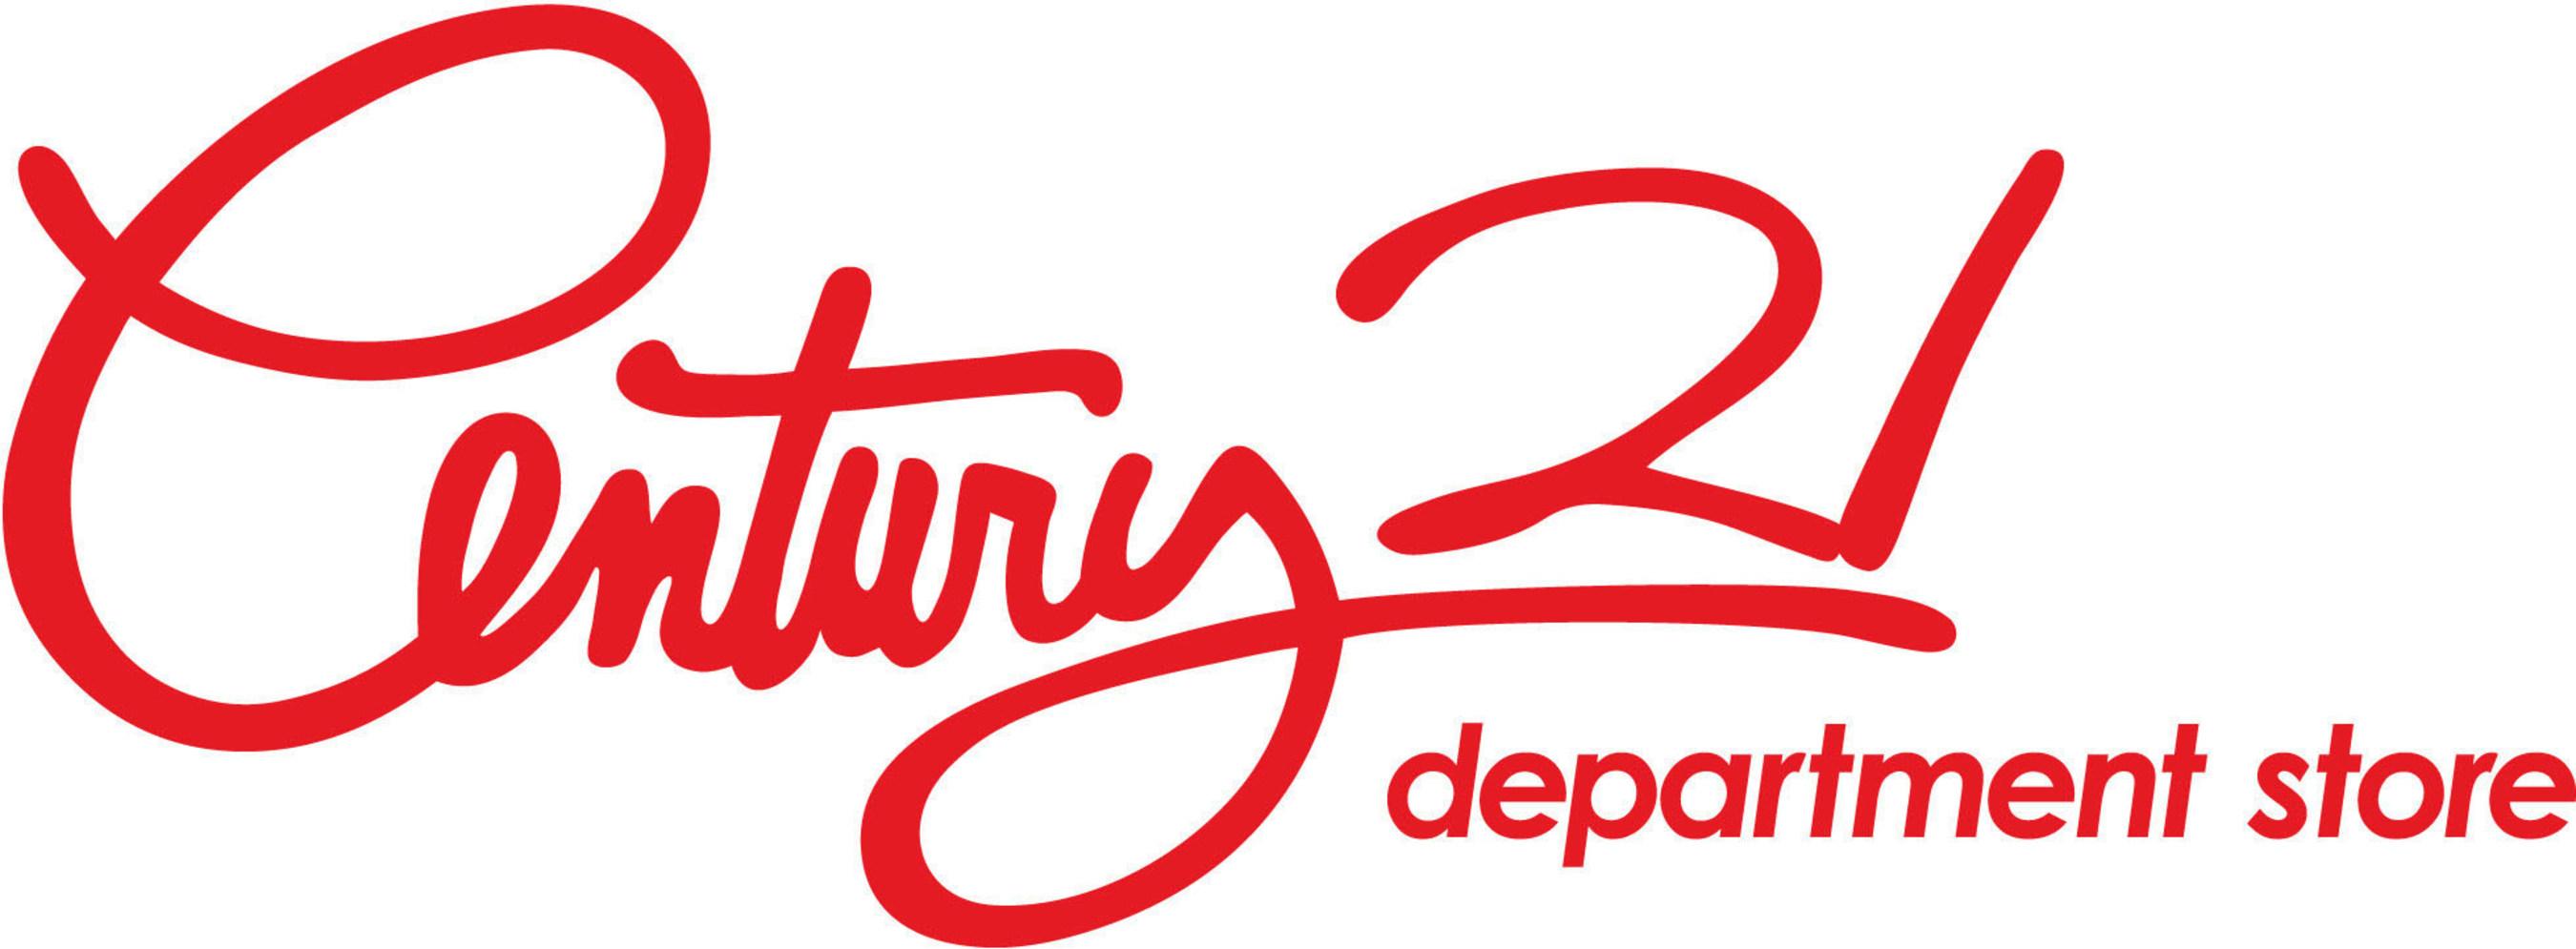 Century 21 Department Store Logo